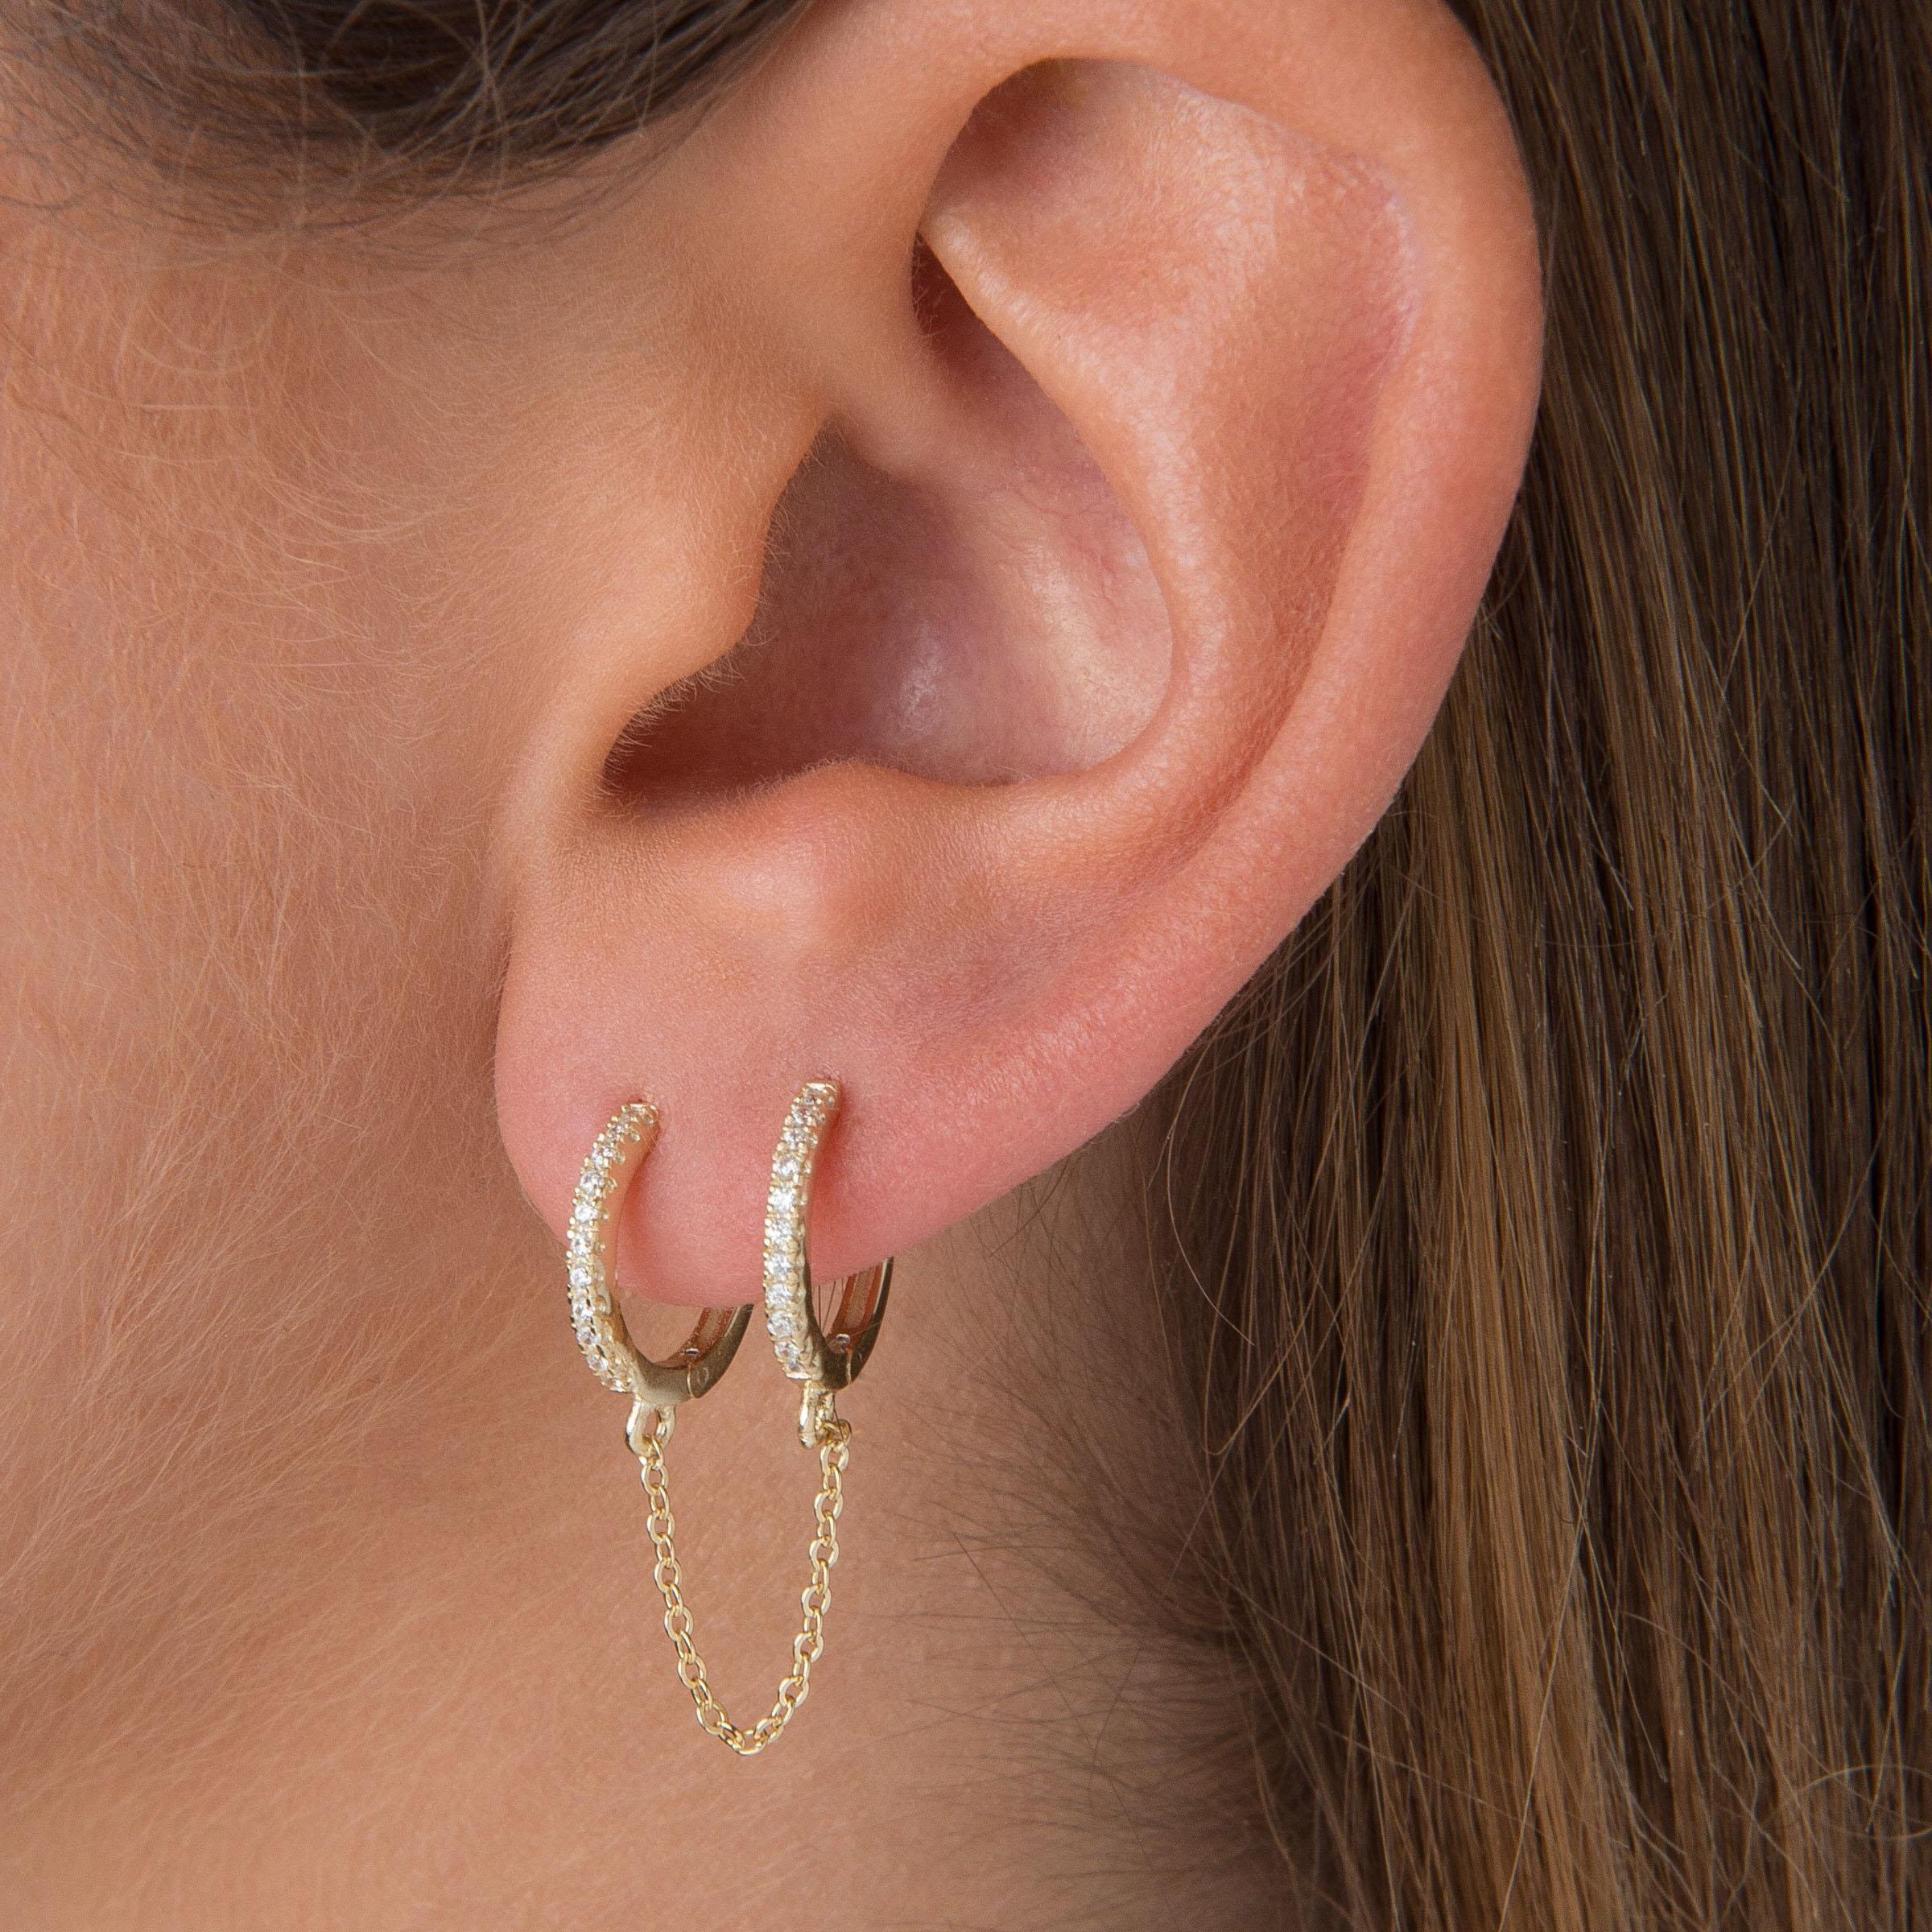 2 Hole Double Piercing Mini Small Huggie Hoop With Tassel Chain Earring Women Fashion Shiny Cz White Blue Green Stone Jewelry Hoop Earrings Aliexpress